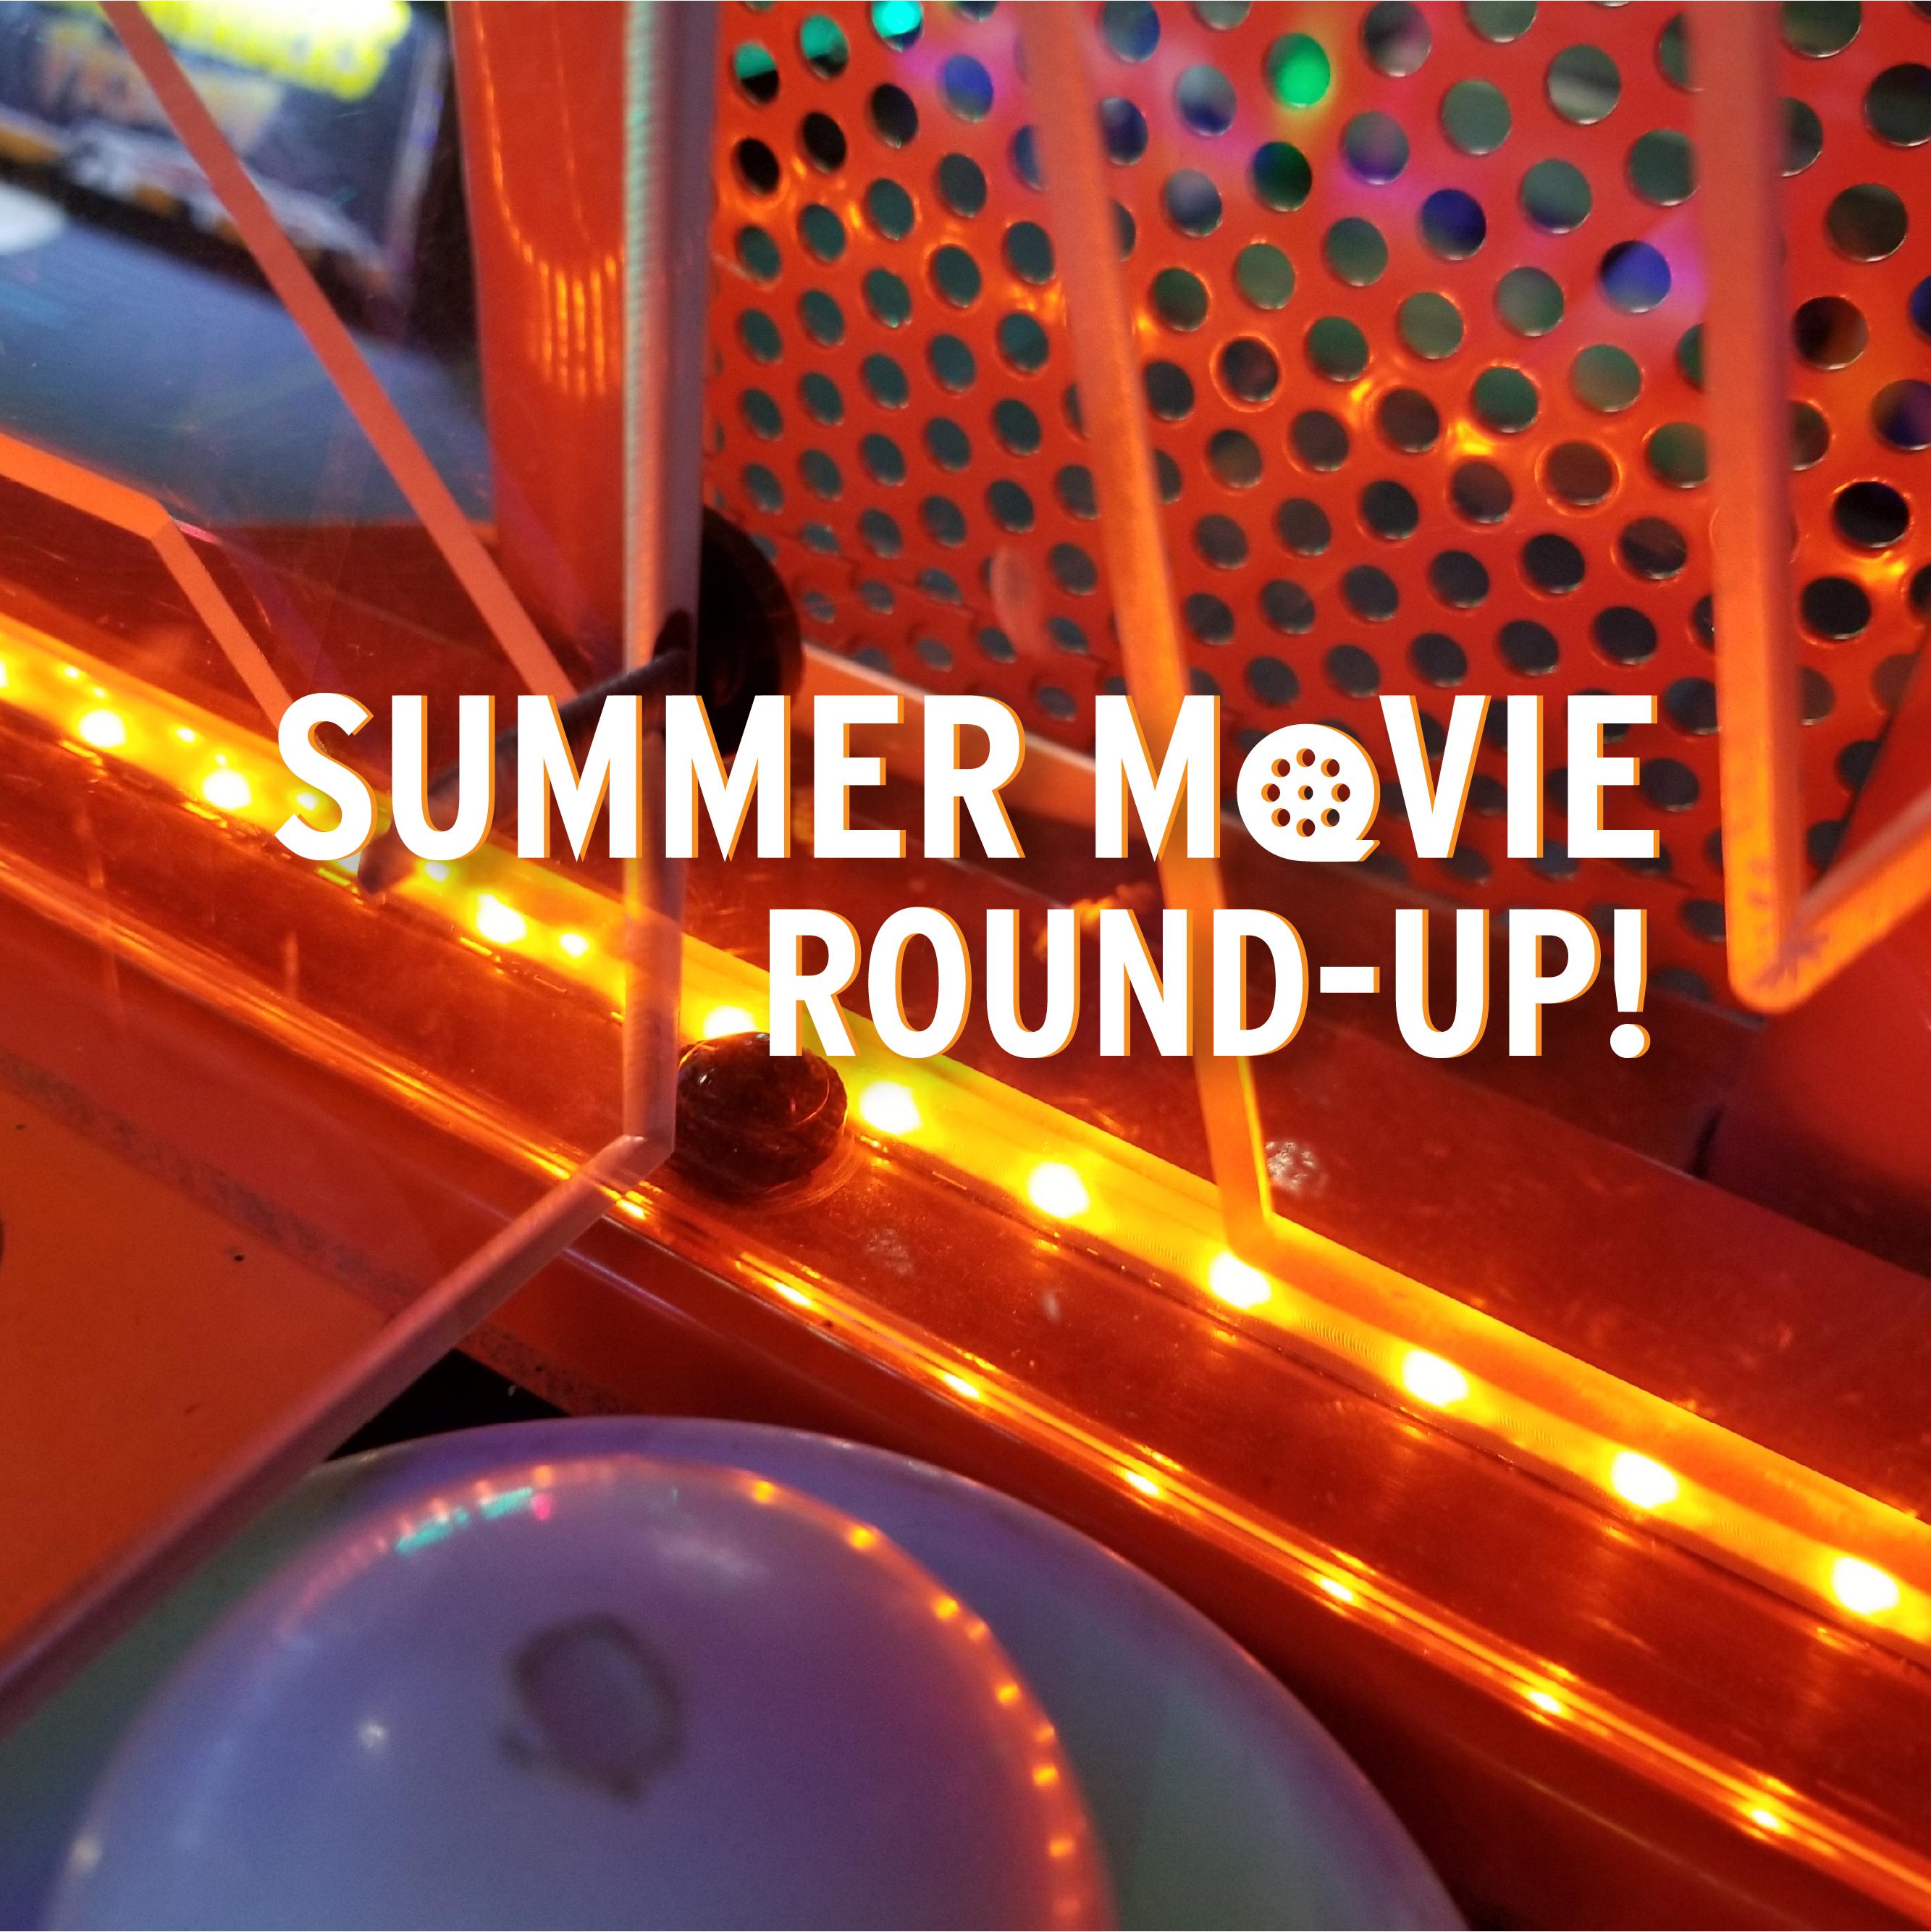 Summer Movie Round-Up!